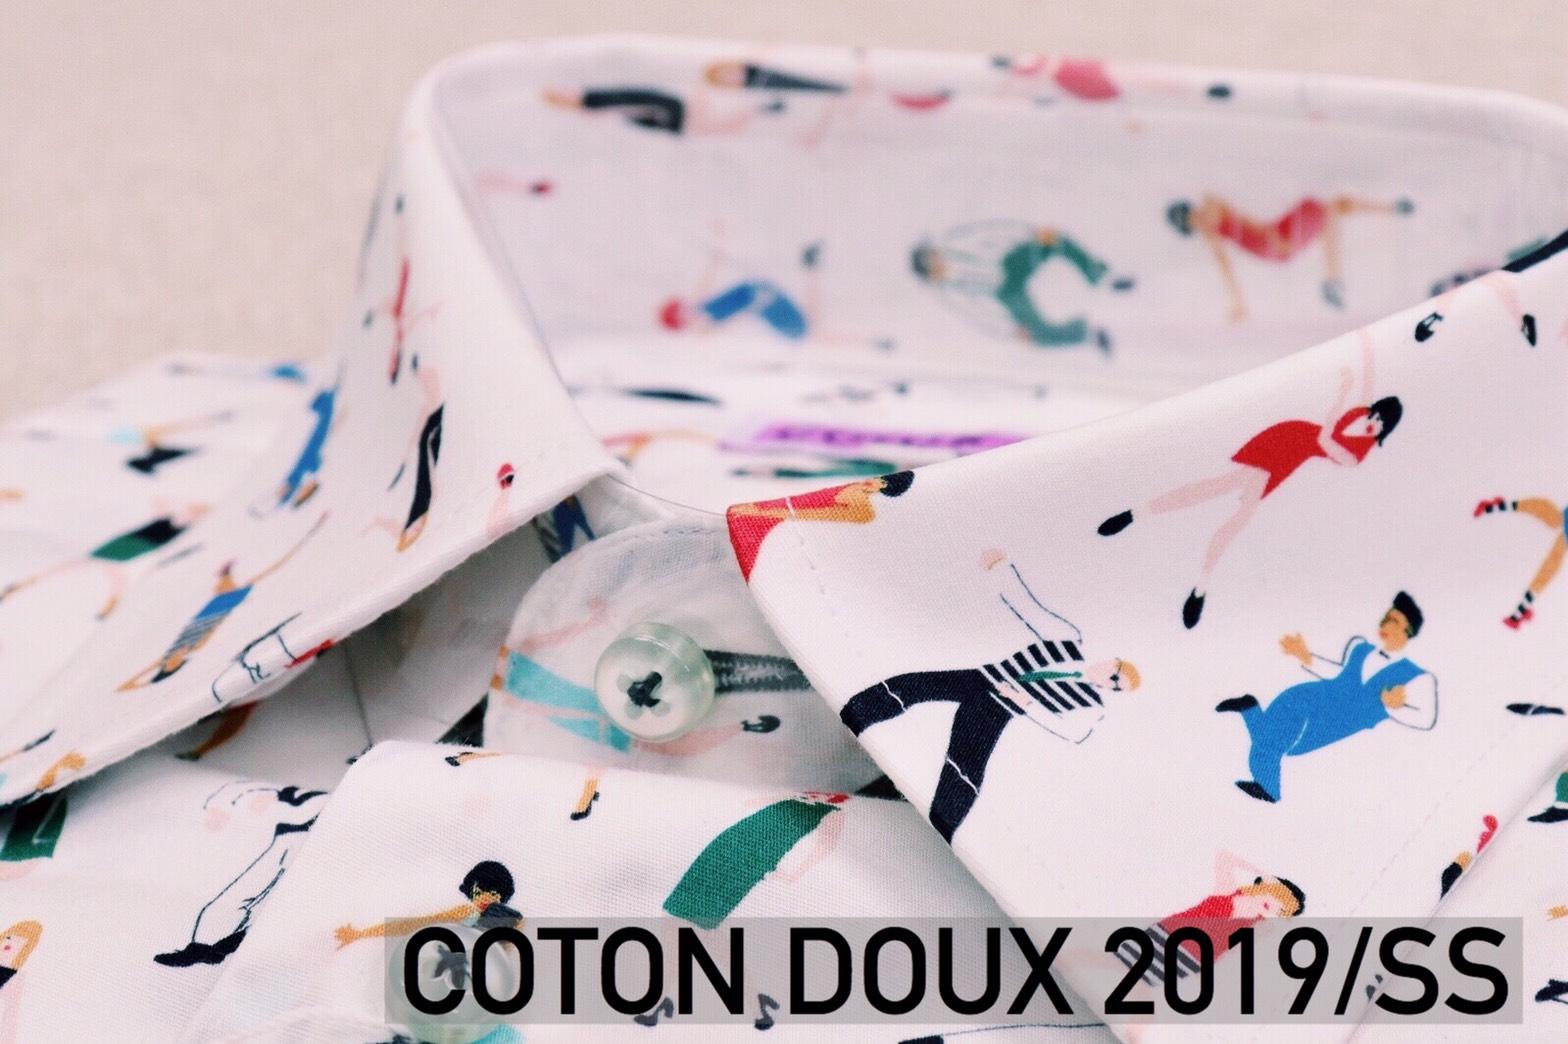 COTON DOUX 2019/SS